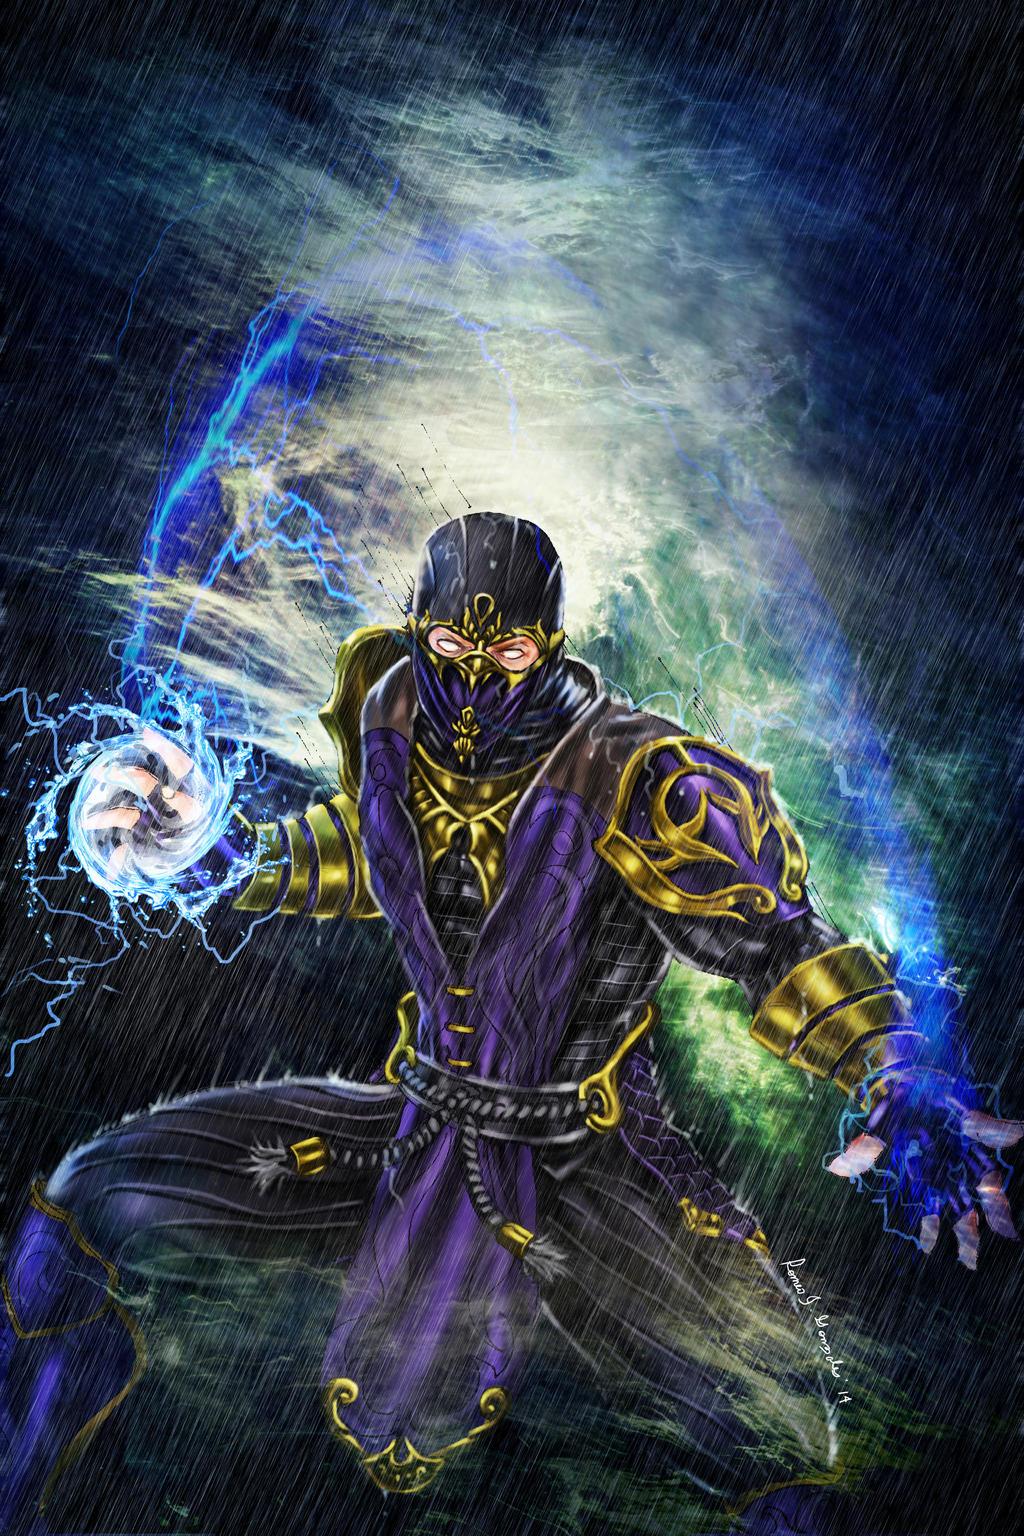 Kitana, Mortal Kombat Fan art 2 by Andre69bibriescas on